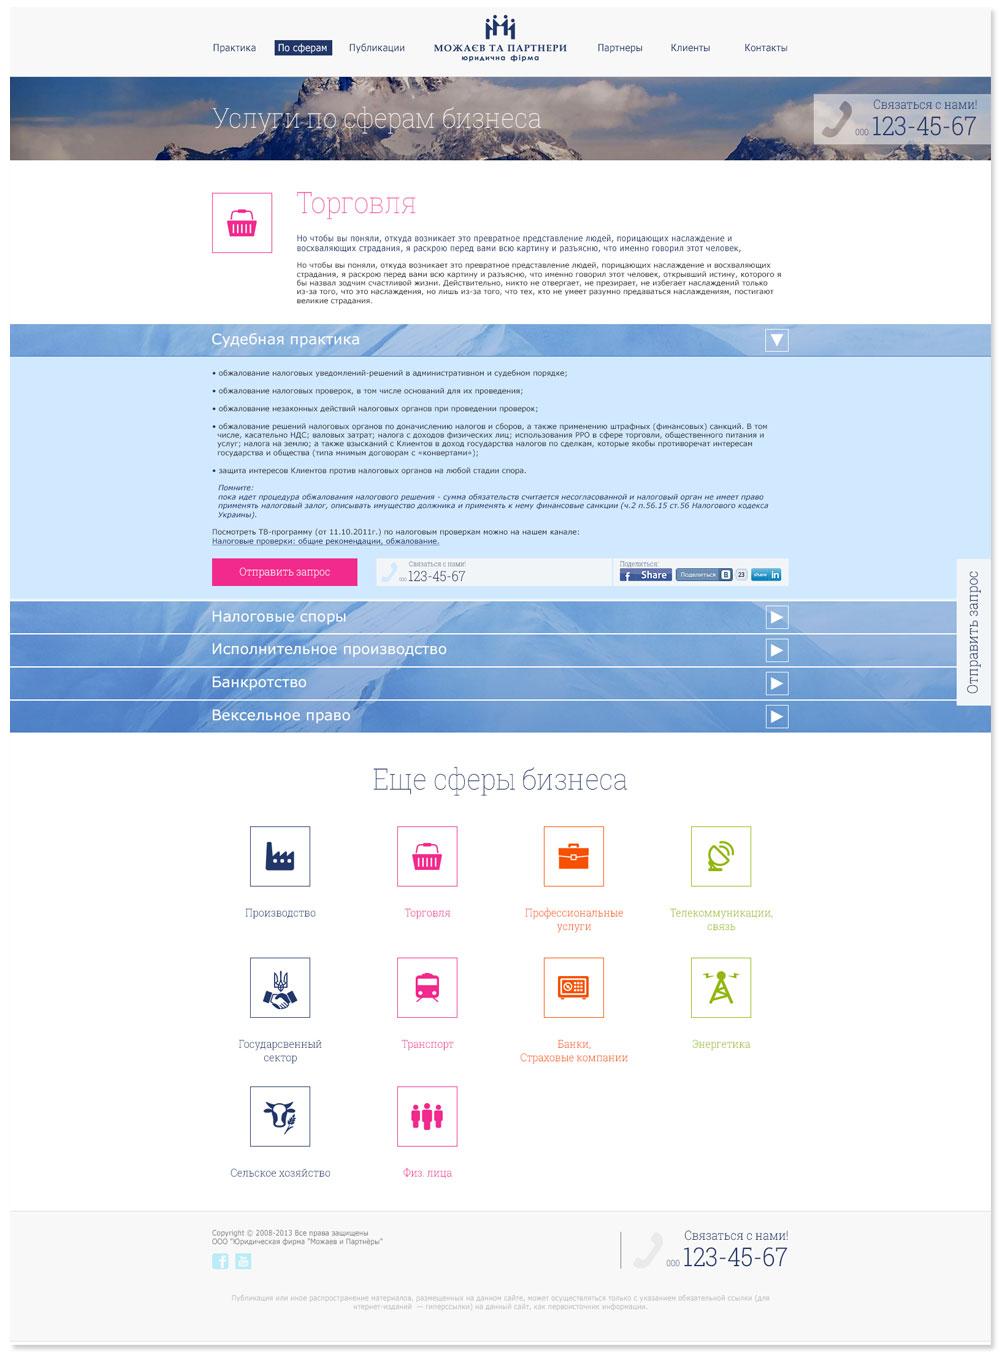 Страница услуг по категориям сайта Можаев и партнеры